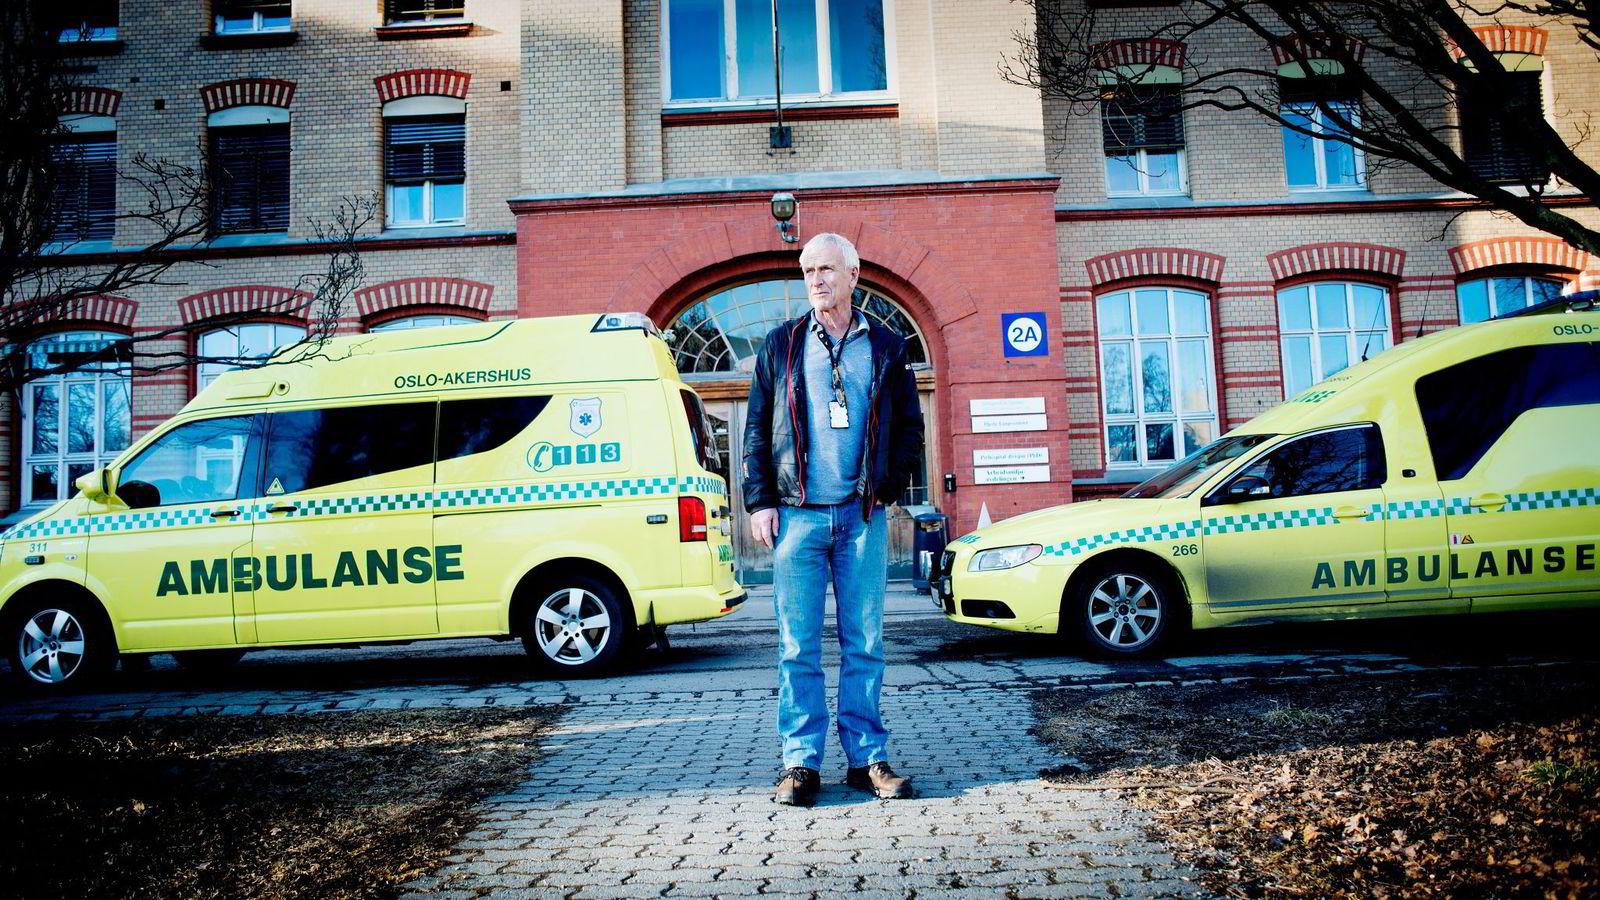 – Vi jobber iherdig for å forbedre oss, sier Terje Strand, leder for ambulansetjenesten på Oslo universitetssykehus.